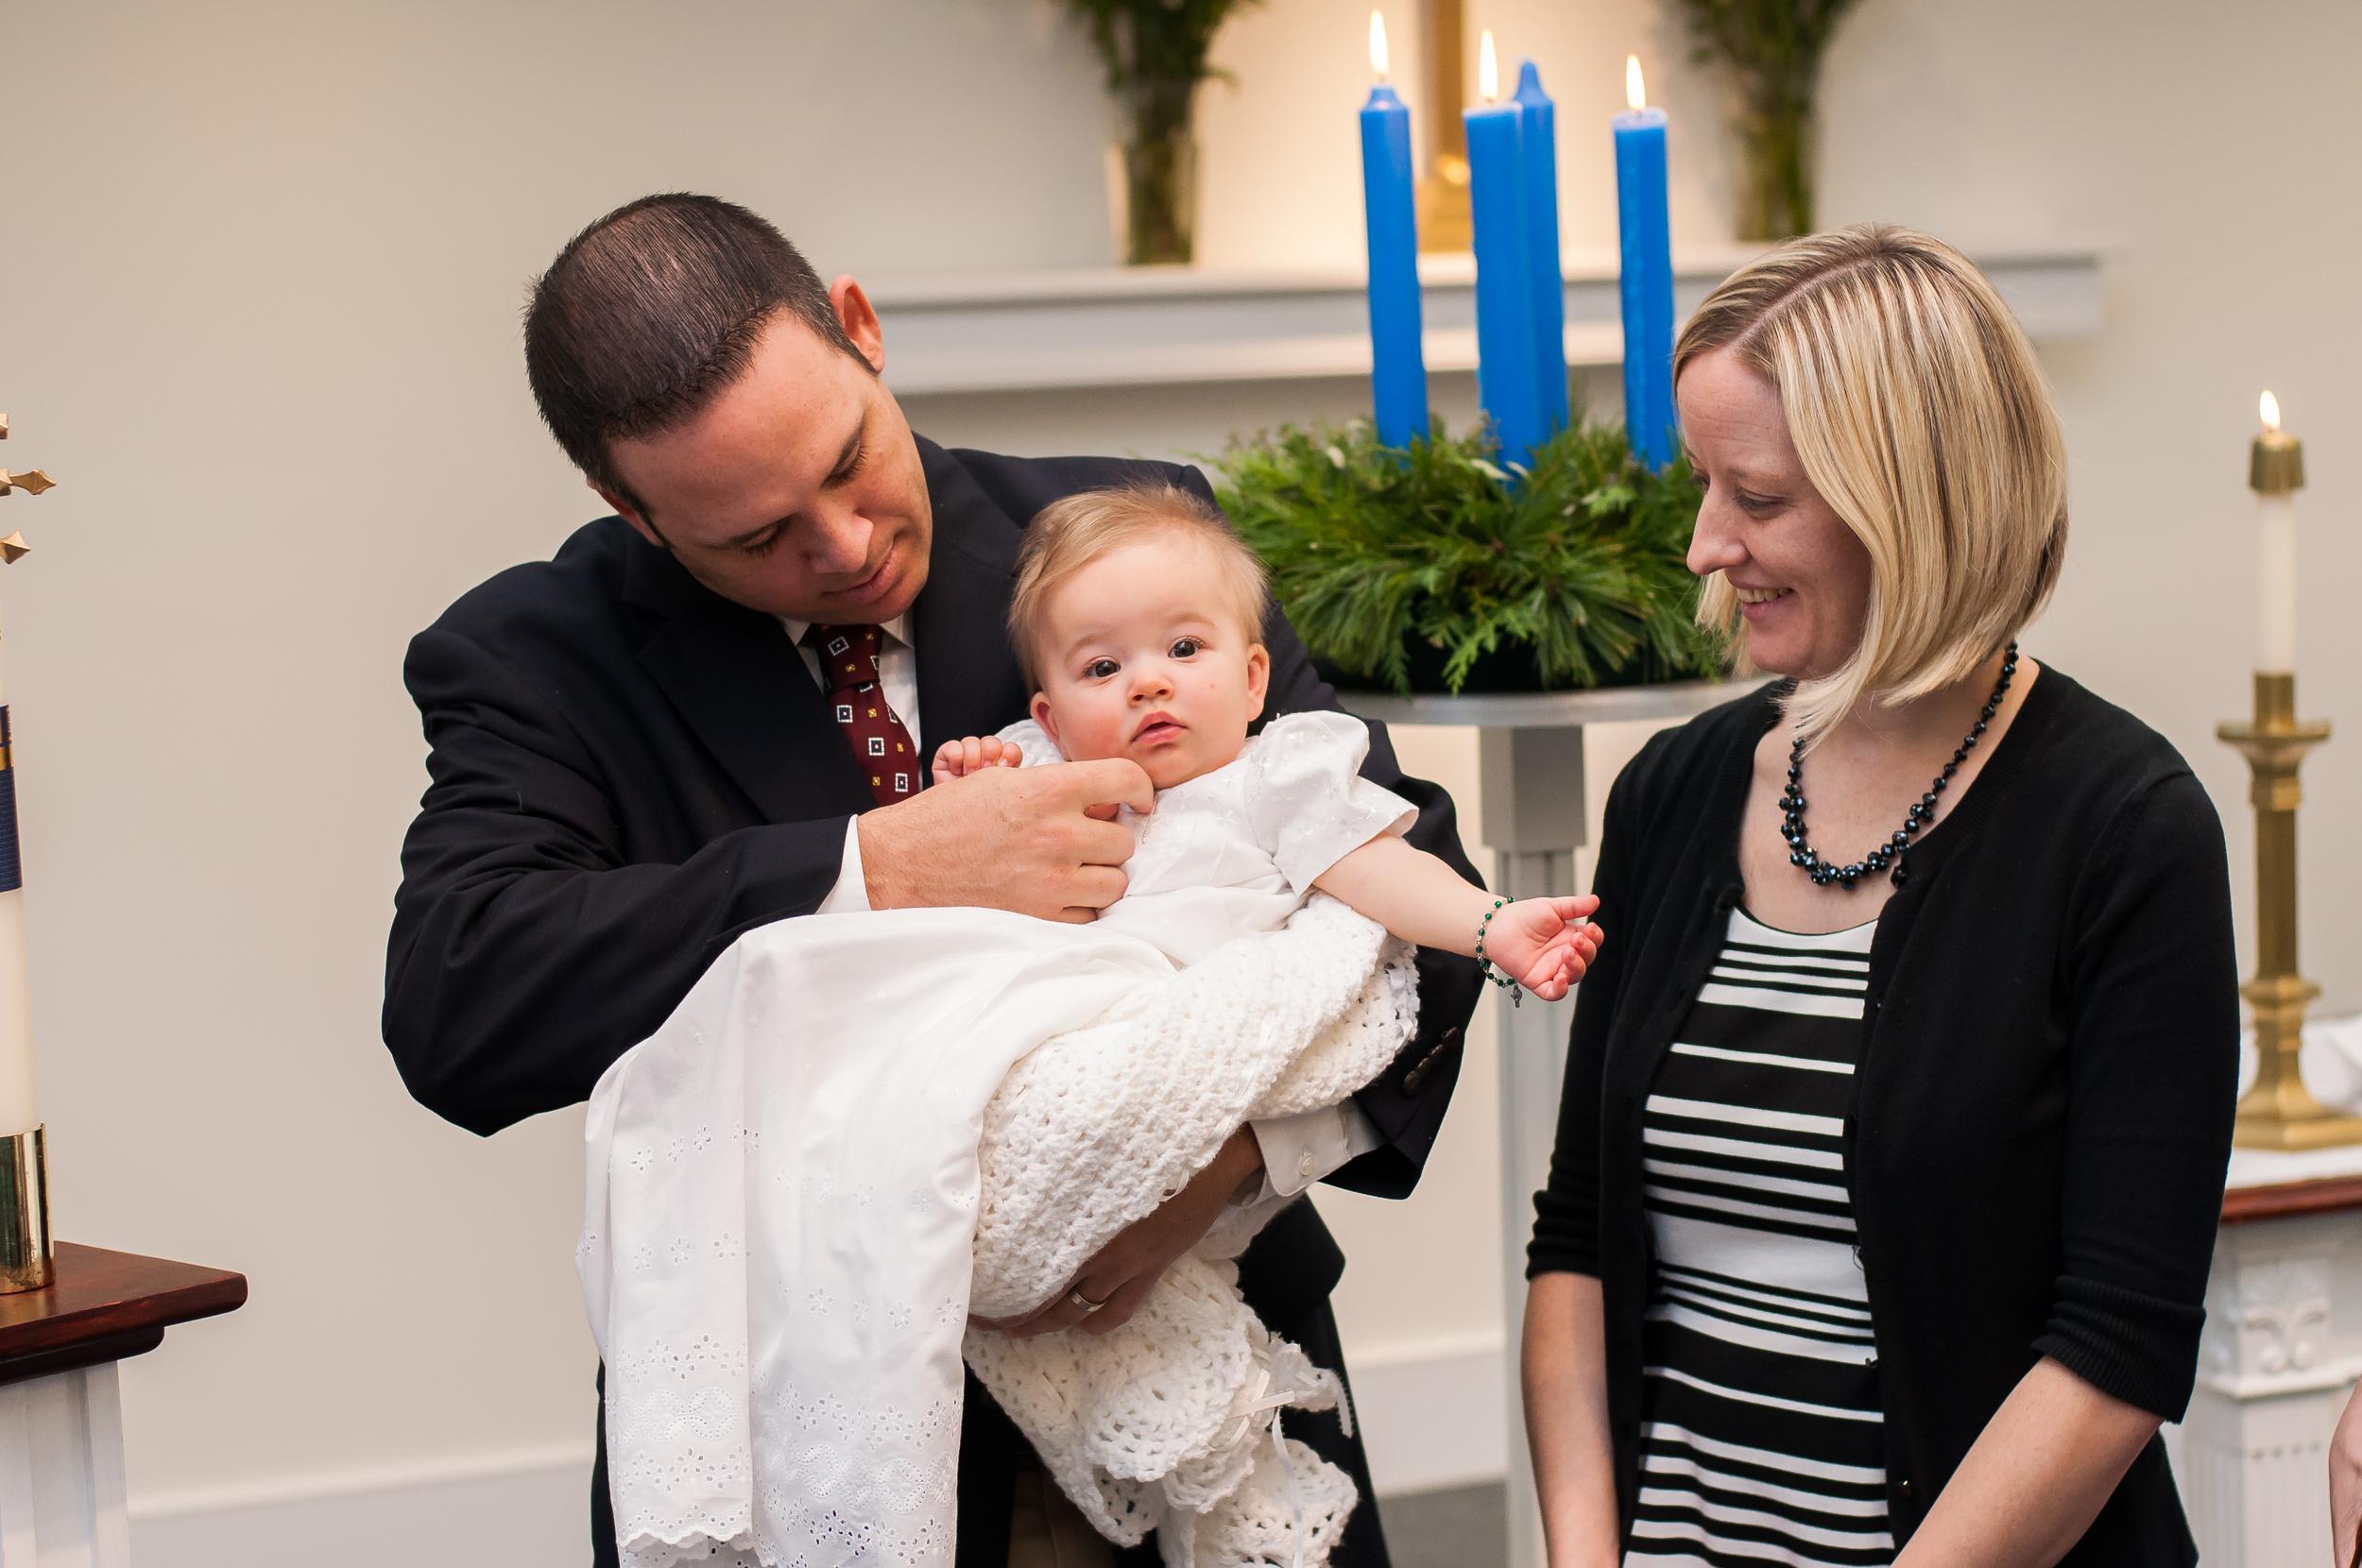 141214 - Allyson's Baptism (10 of 22).jpg